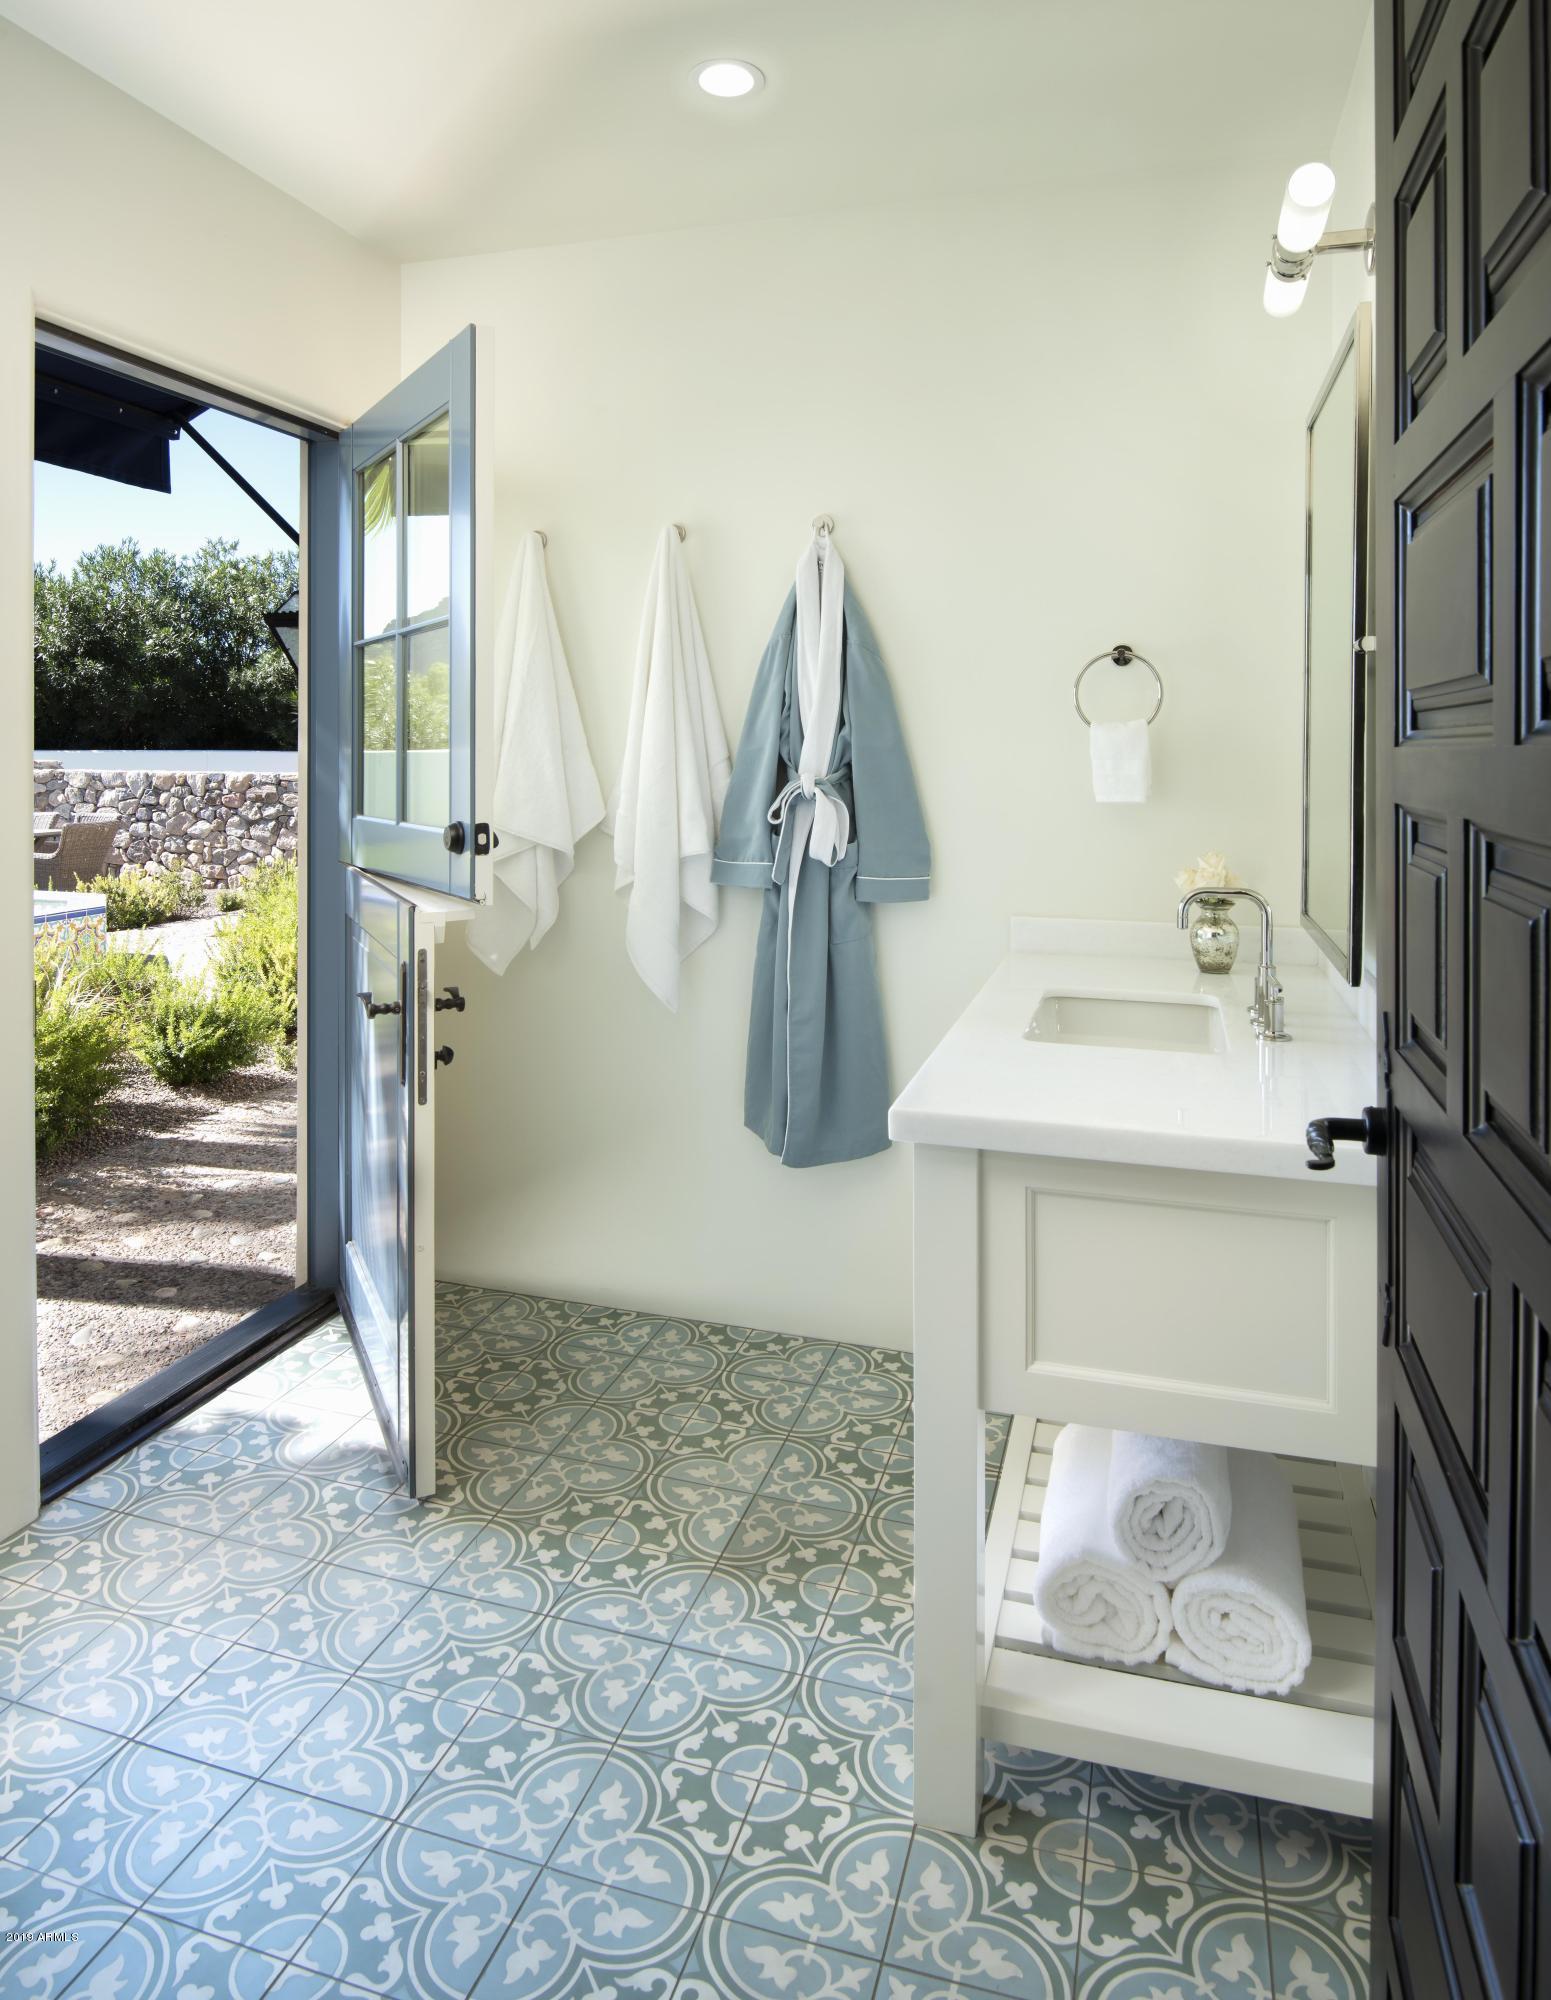 MLS 5862518 5841 E CACTUS WREN Road, Paradise Valley, AZ 85253 Paradise Valley AZ Newly Built